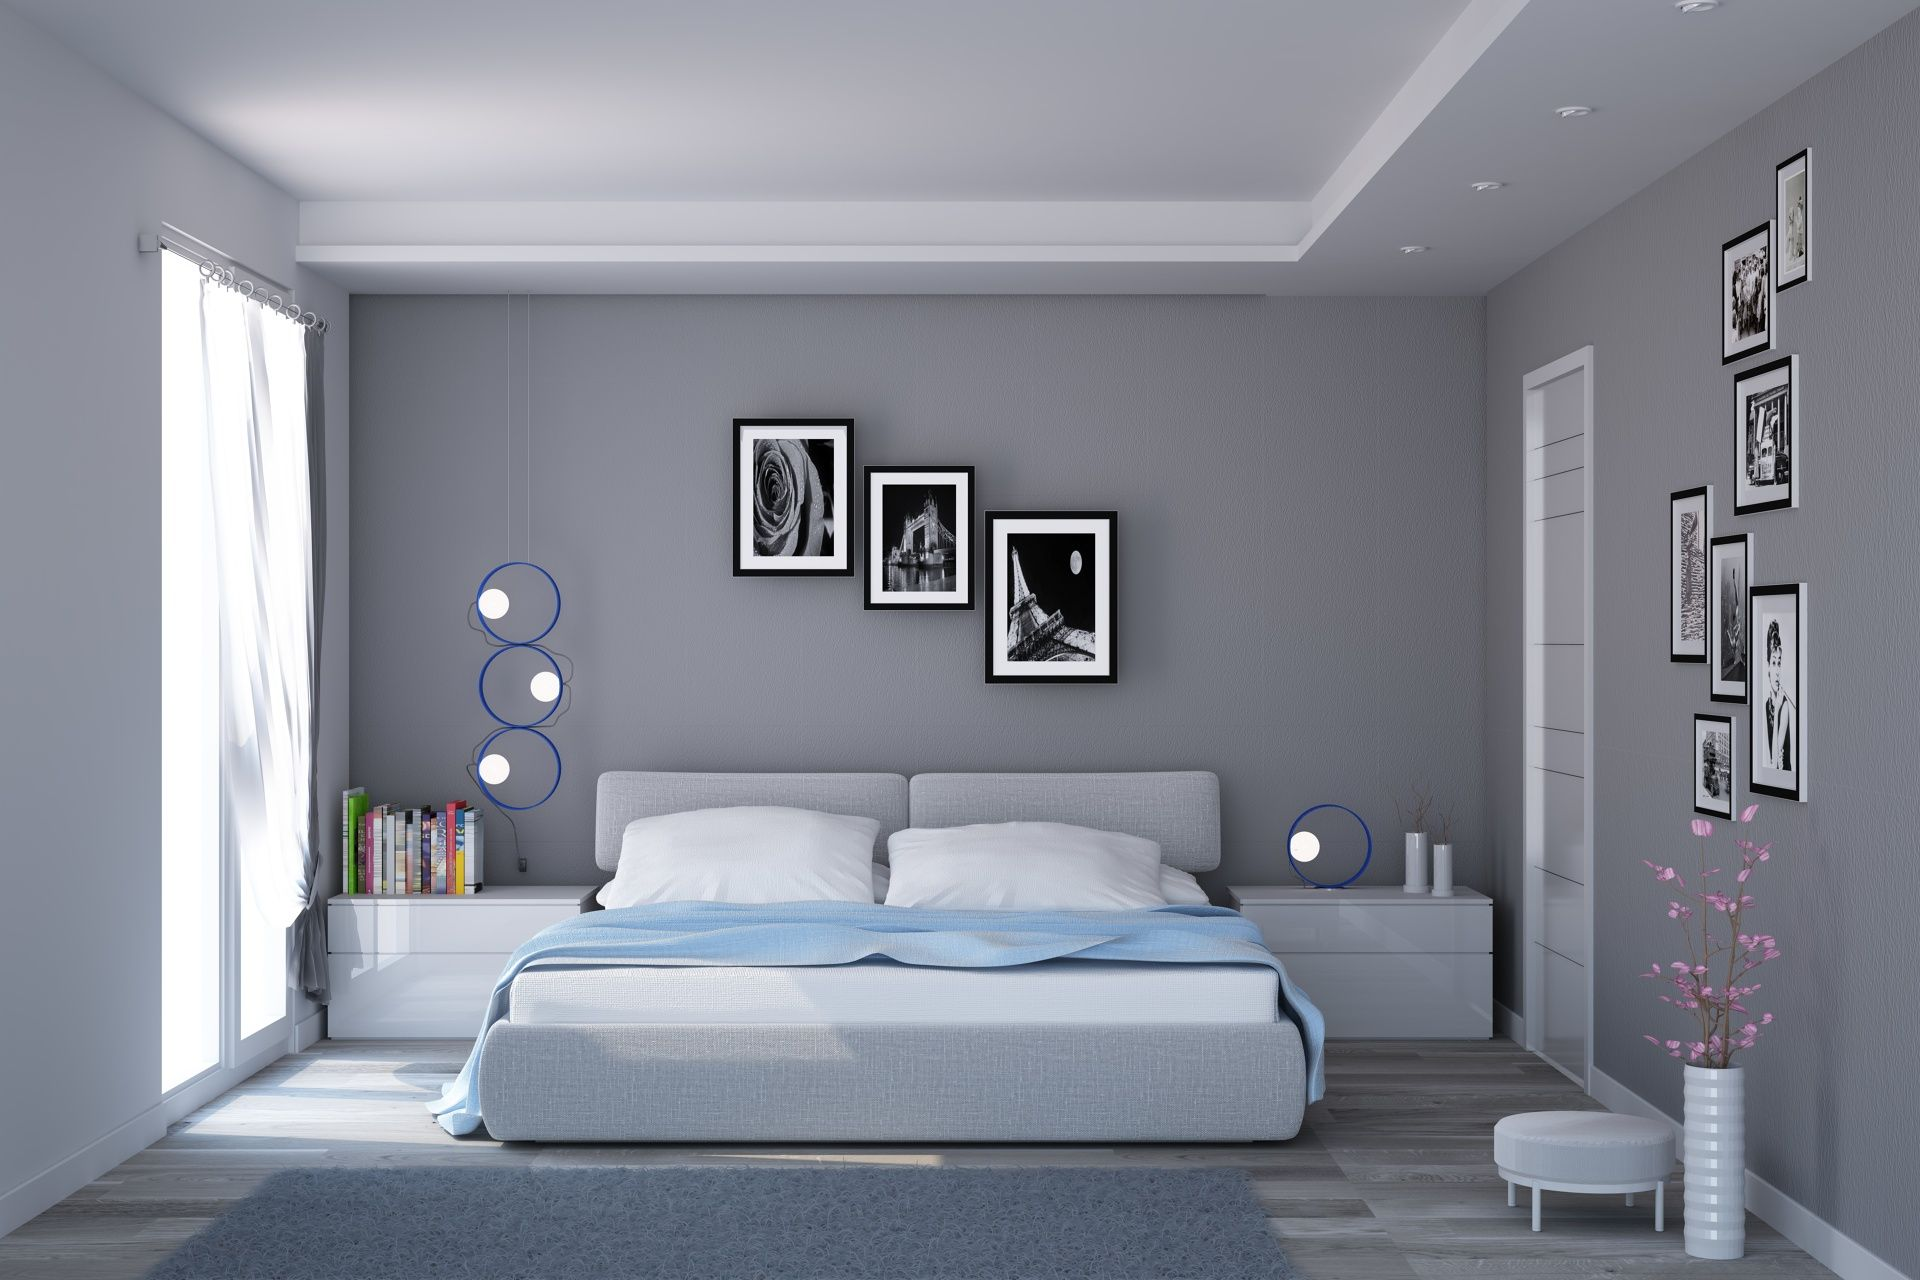 Tutti i consigli e le idee per tinteggiare la camera da letto. Camera Matrimoniale Idee Arredamento Camera Da Letto Camera Da Letto Moderna Camera Da Letto Arredamento